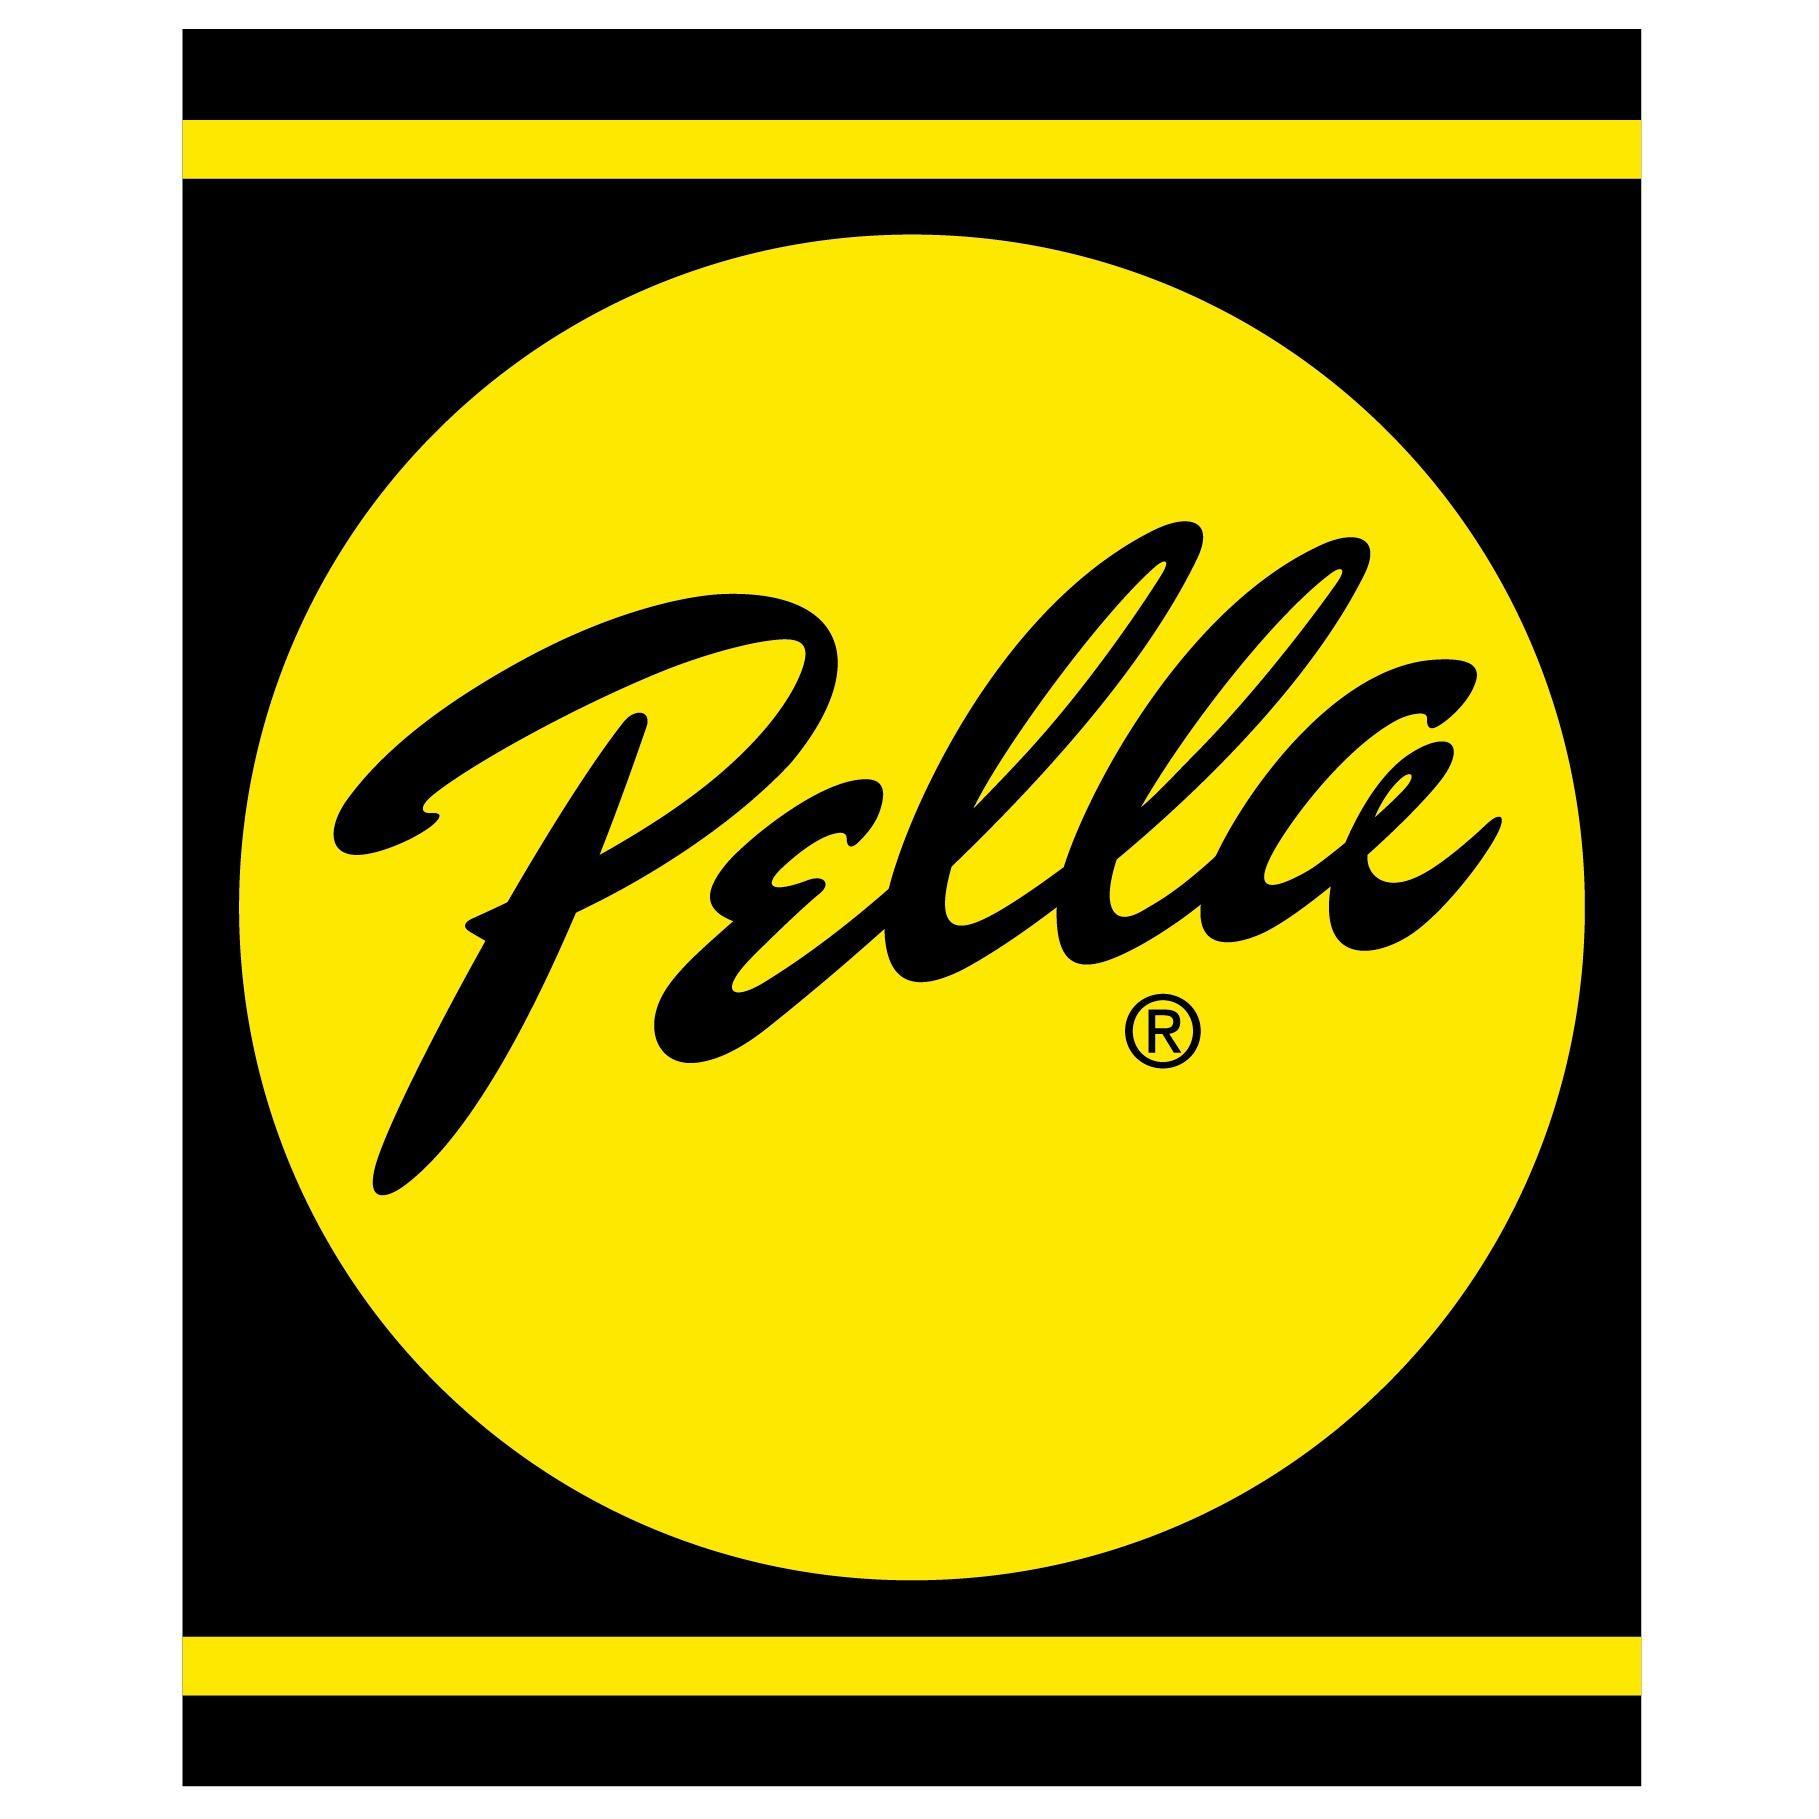 Pella Windows & Doors of Newport